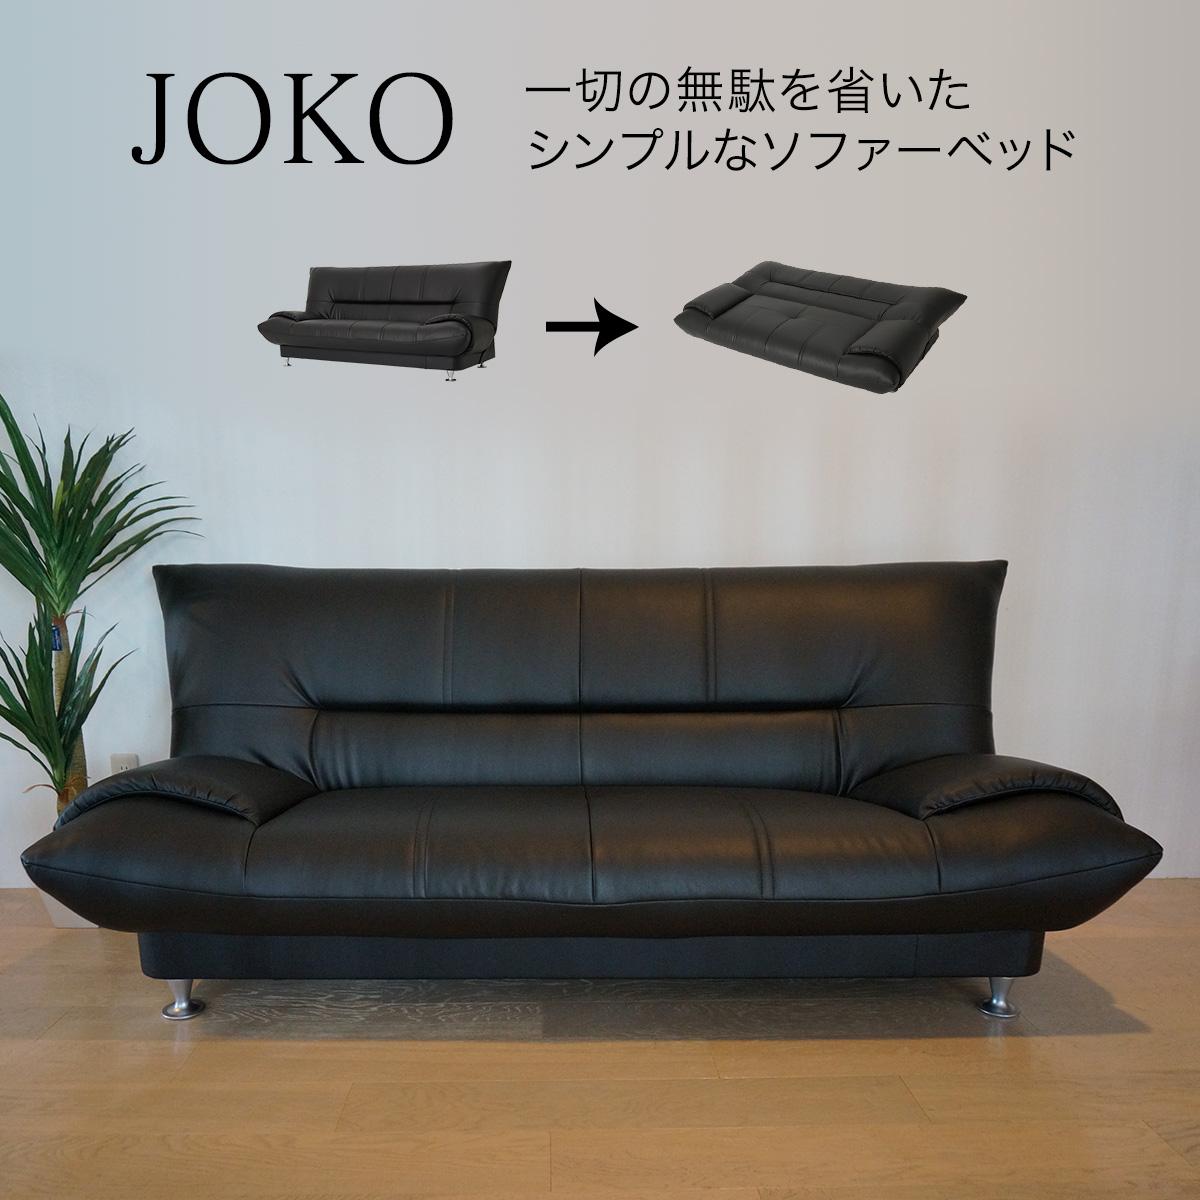 日本正規代理店品 ソファー 3人掛け レザー 革 ソファーベッド 高級 ブラック 即納 幅203cm ソフトレザー JOKO ジョコ クラスティーナ 3年保証 ベッド 肘なし 3人 三人 シングル 三人掛け 機能的 おしゃれ ソファ 家具 シンプル インテリア